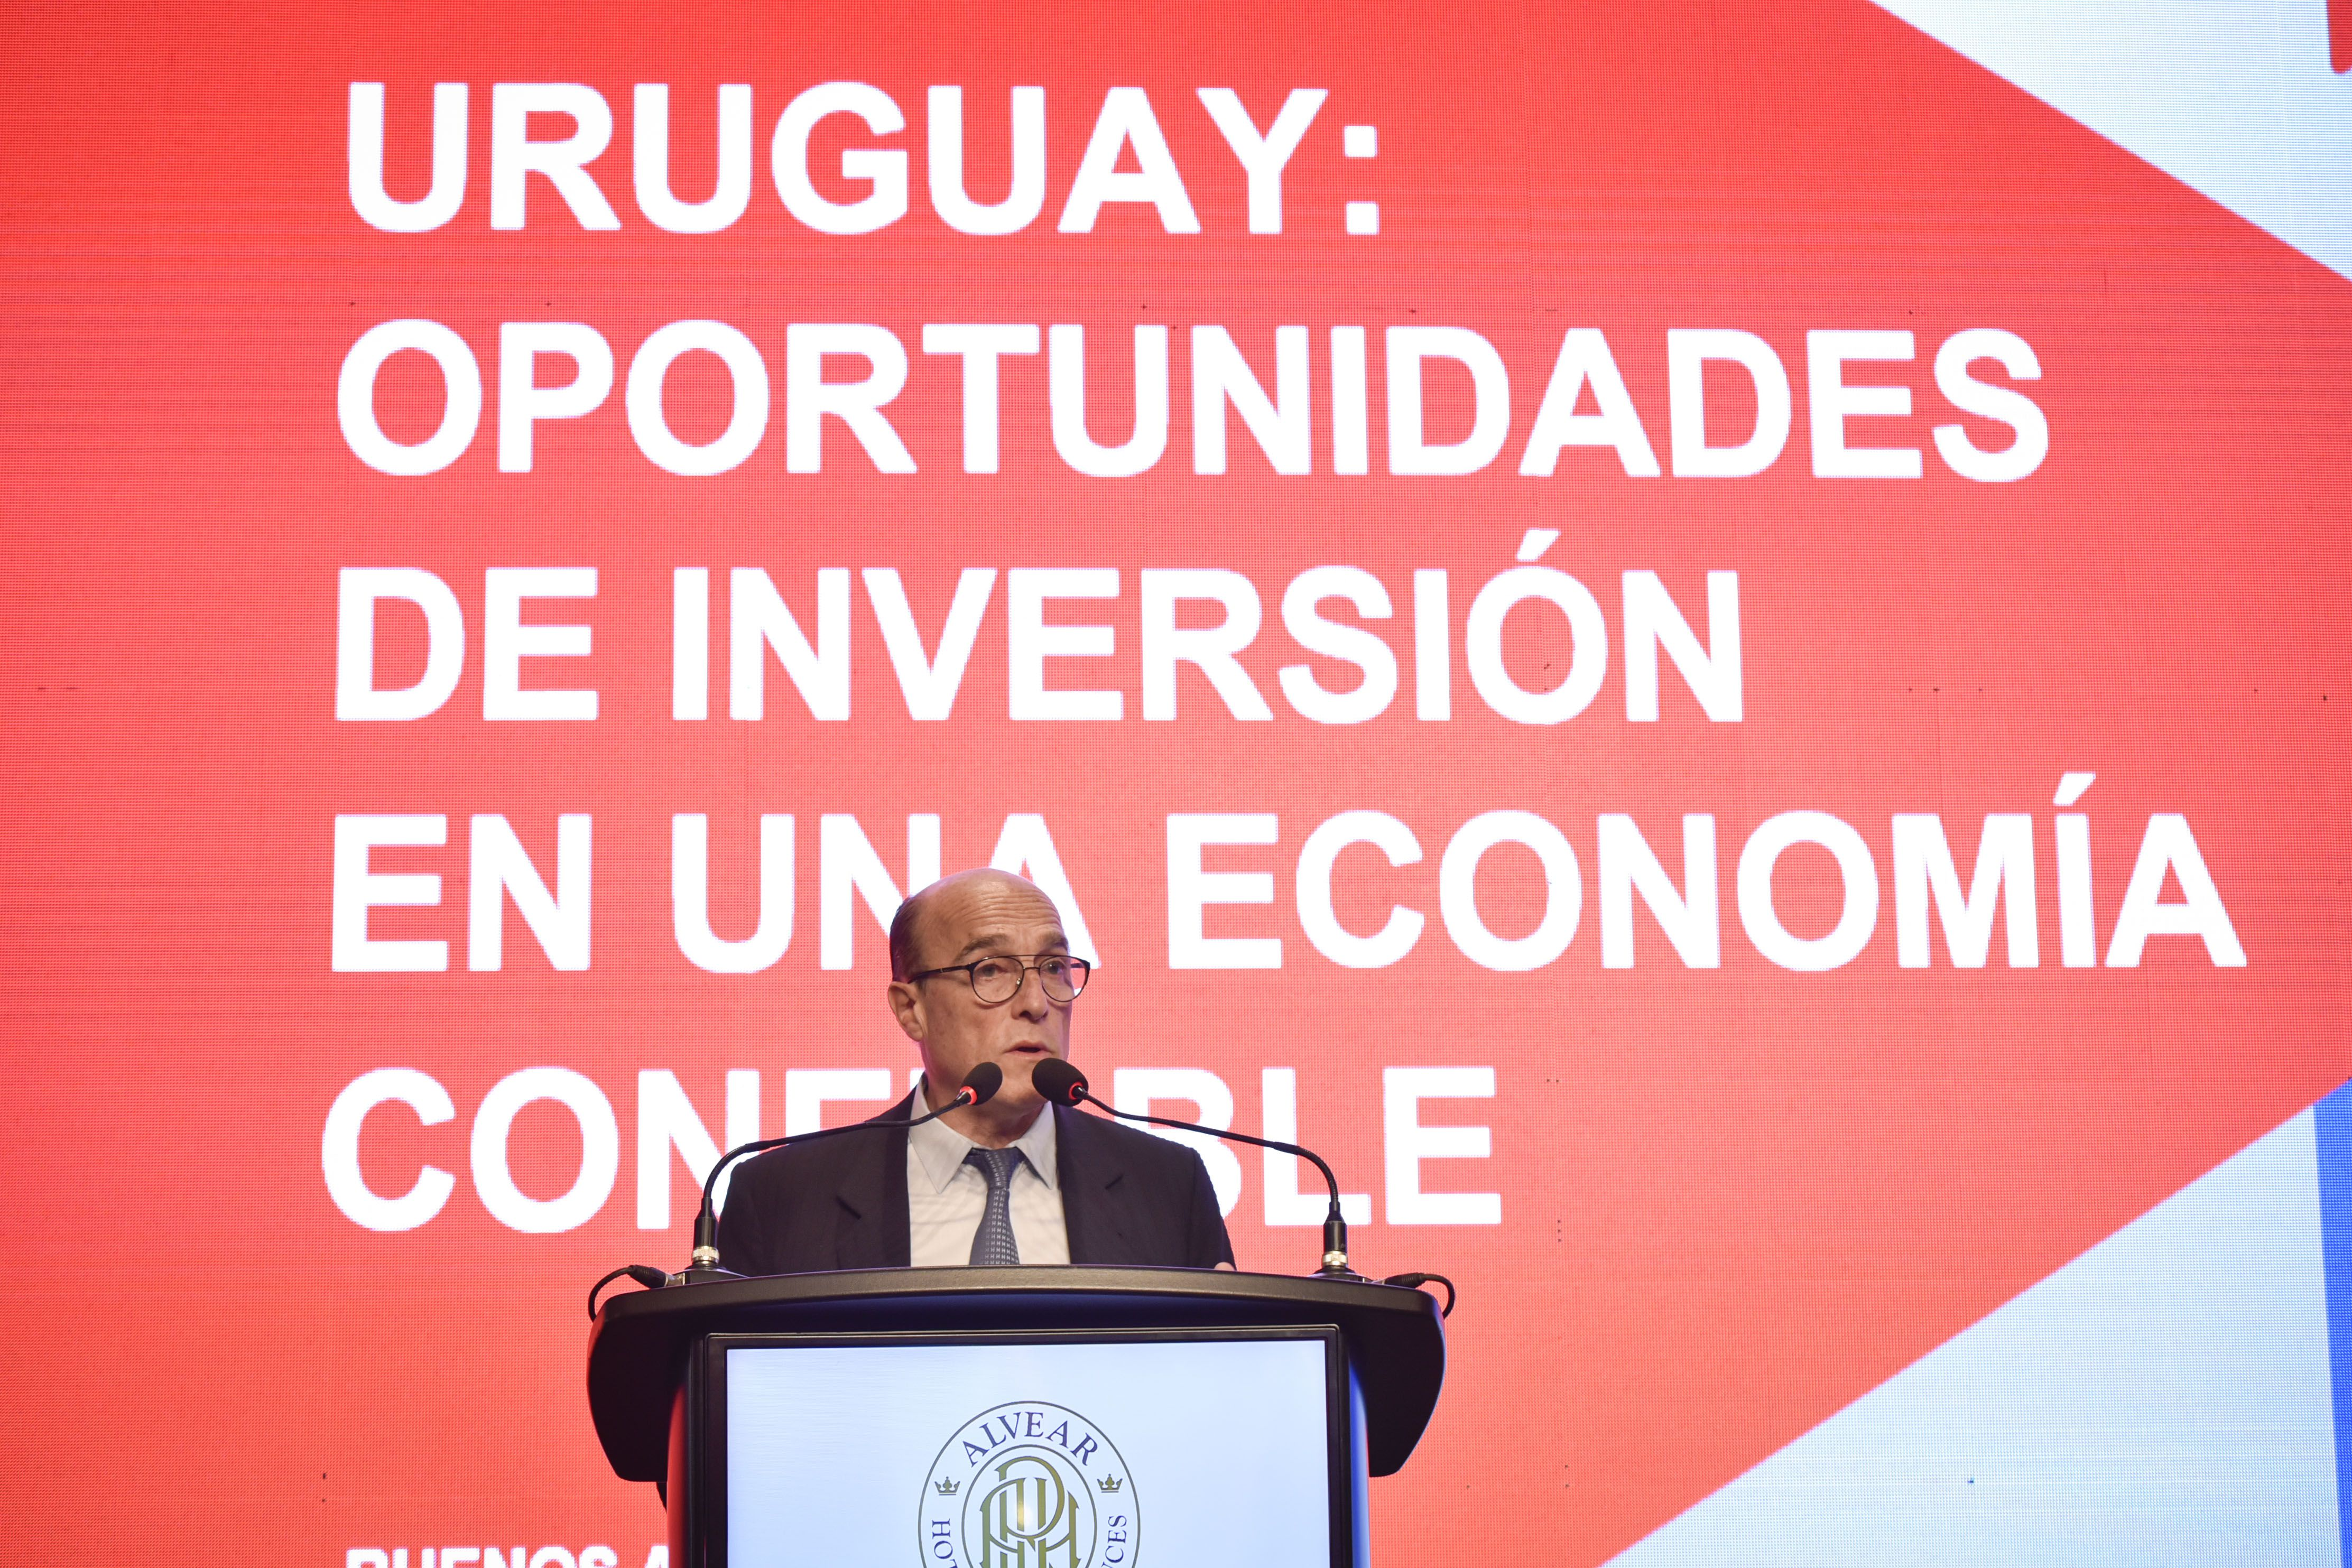 El candidato a presidente por el Frente Aplio, Daniel Martínez, durante su presentación en el Hotel Alvear de Buenos Aires (Guillermo Llamos)